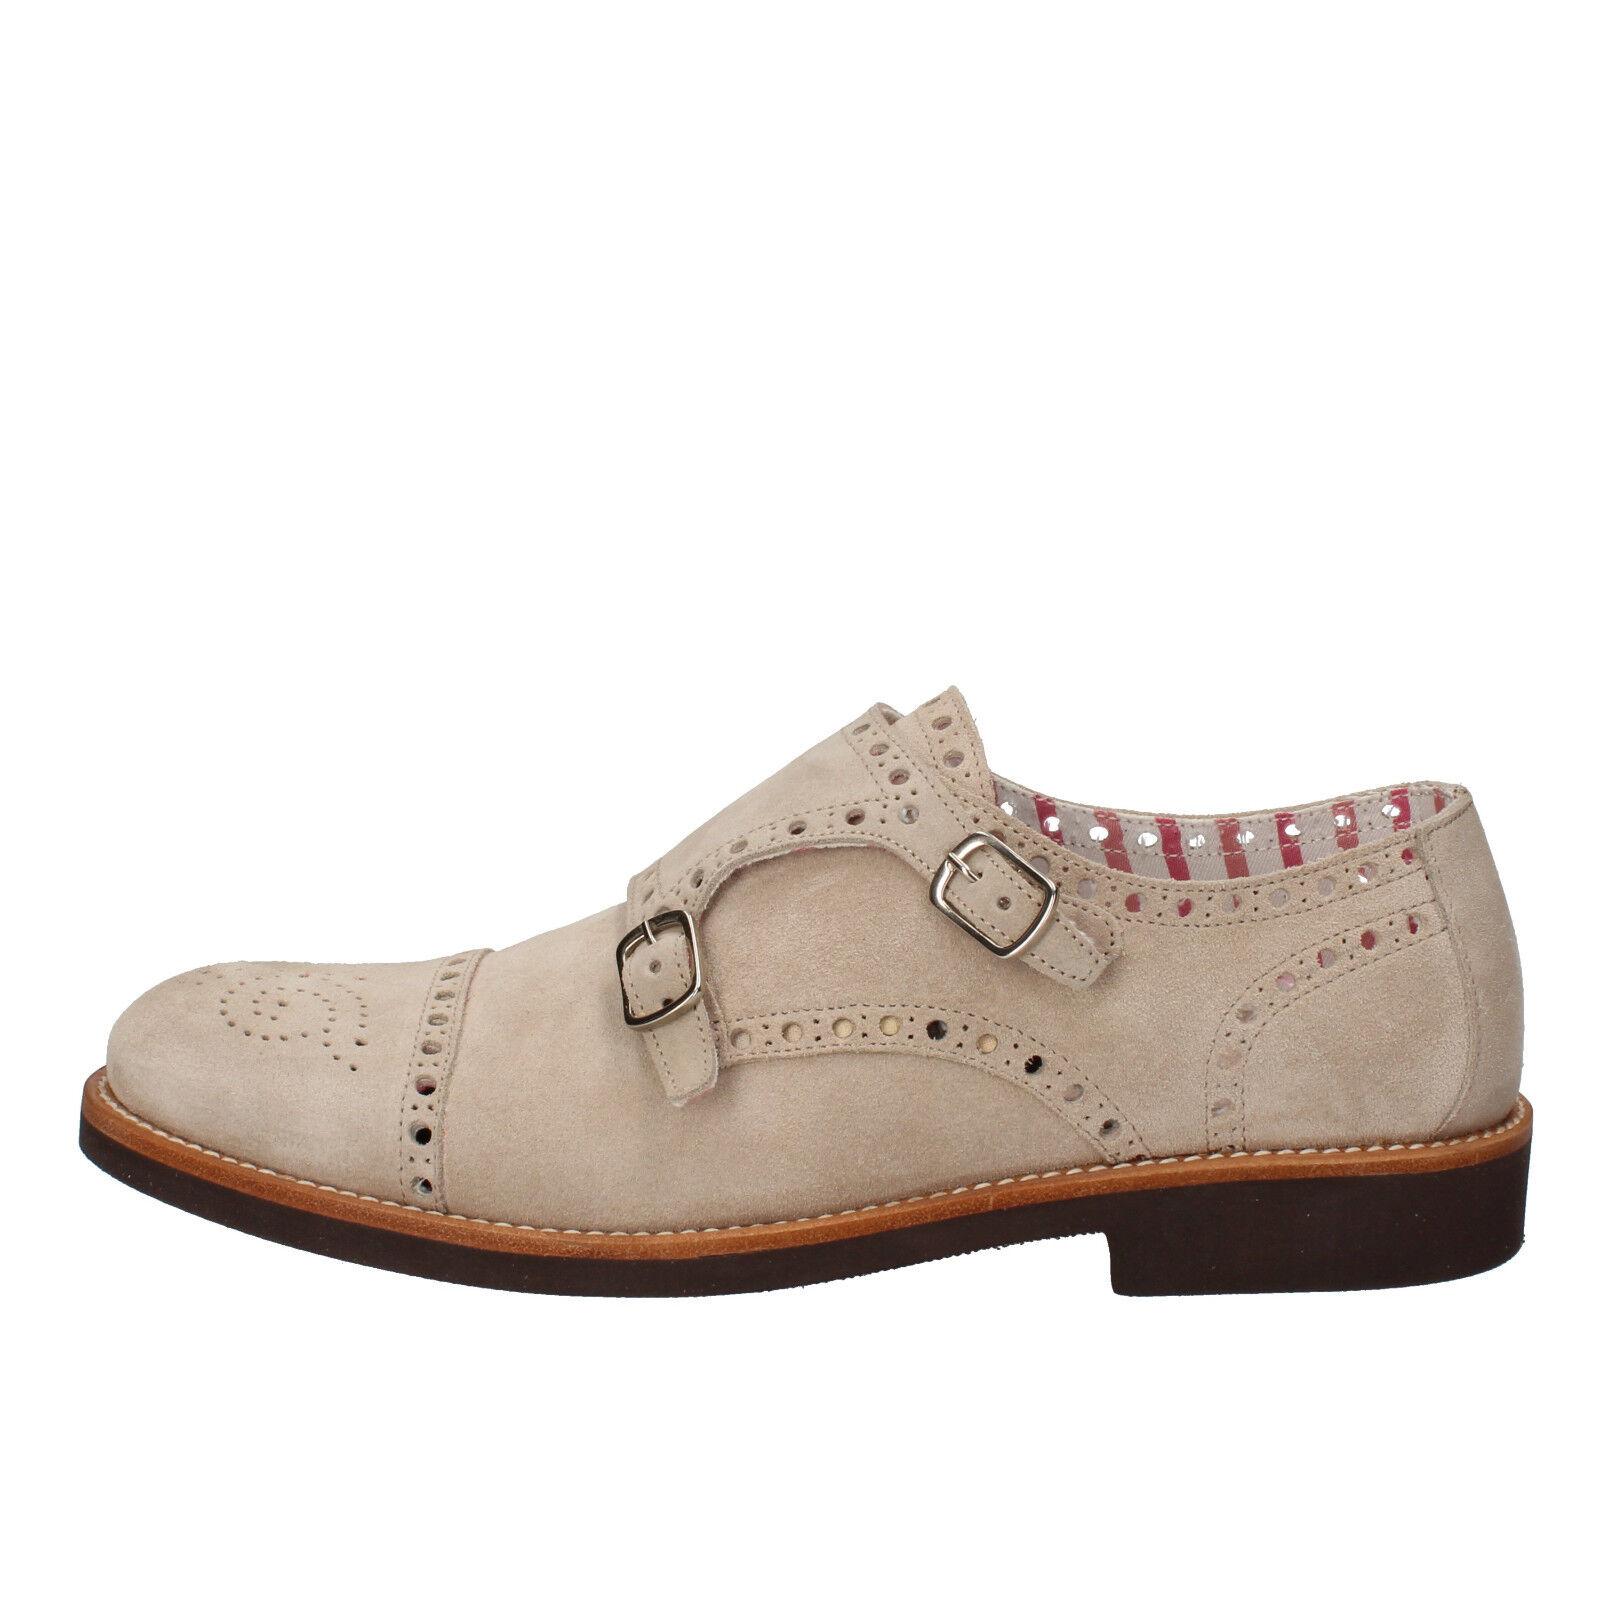 Mens shoes DI MELLA 8,5 (EU 42,5) elegant   oxford-shoes beige suede AD270-F